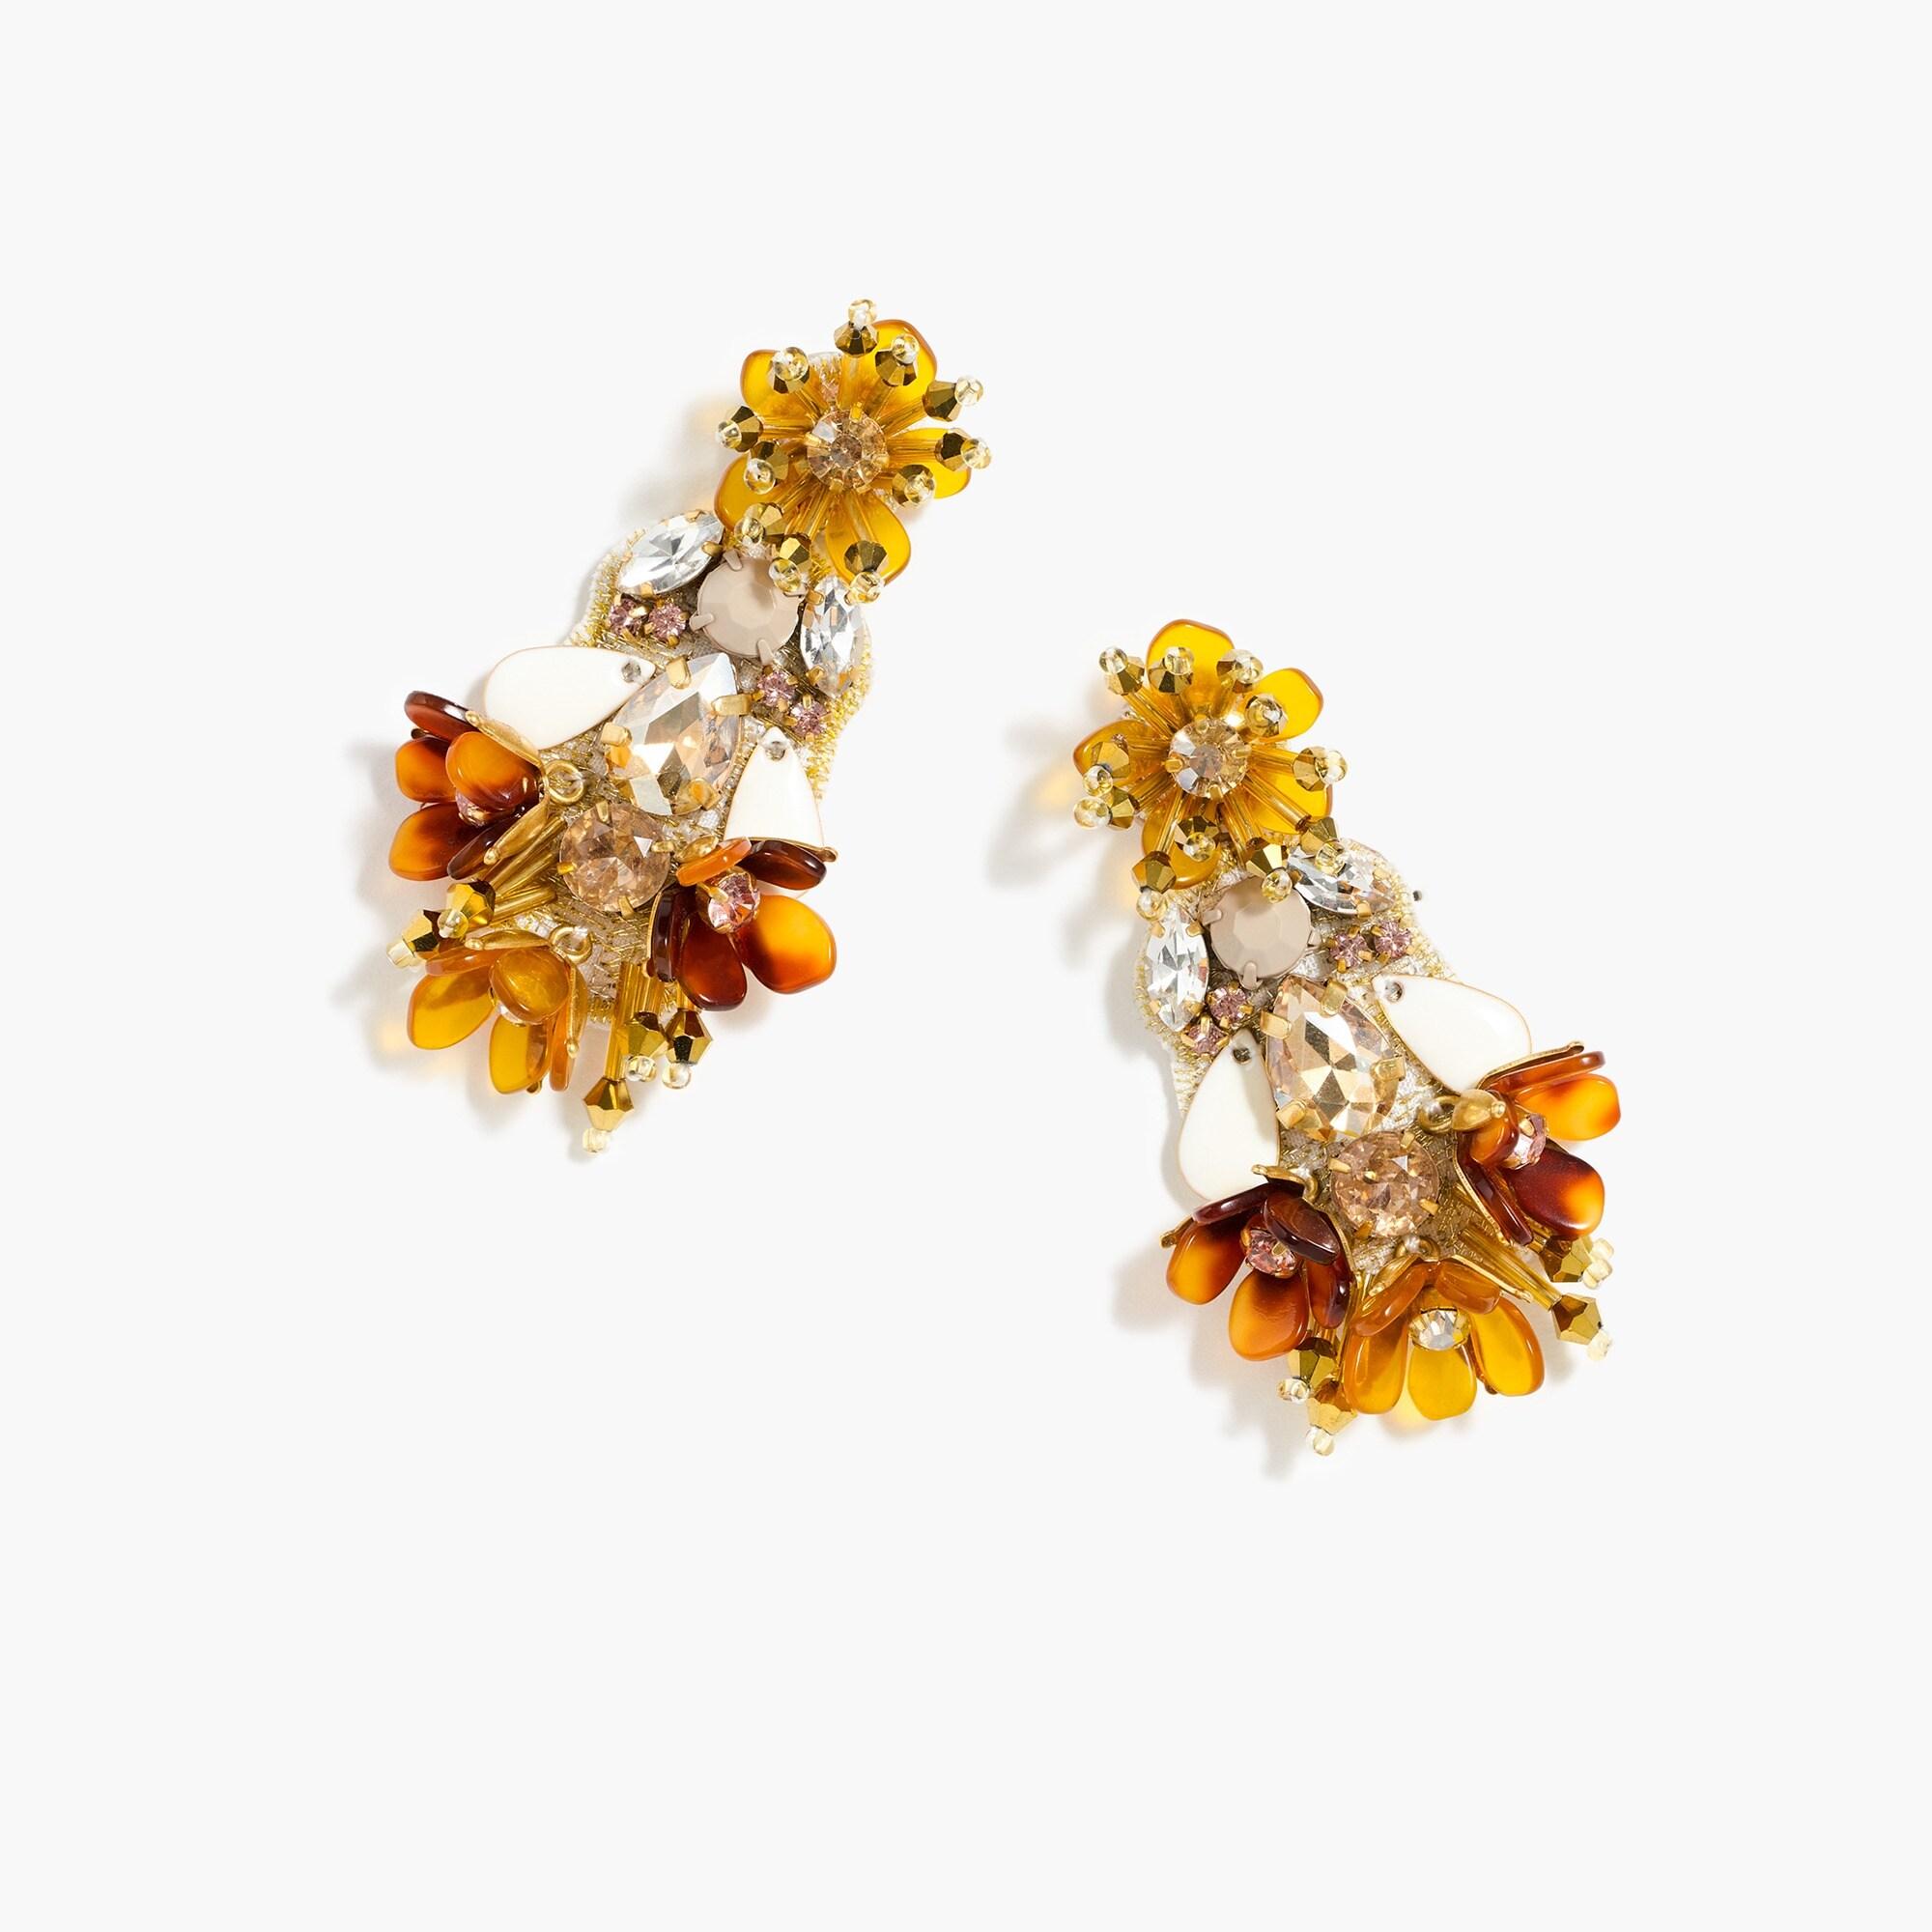 Dusty ivory chandelier earrings